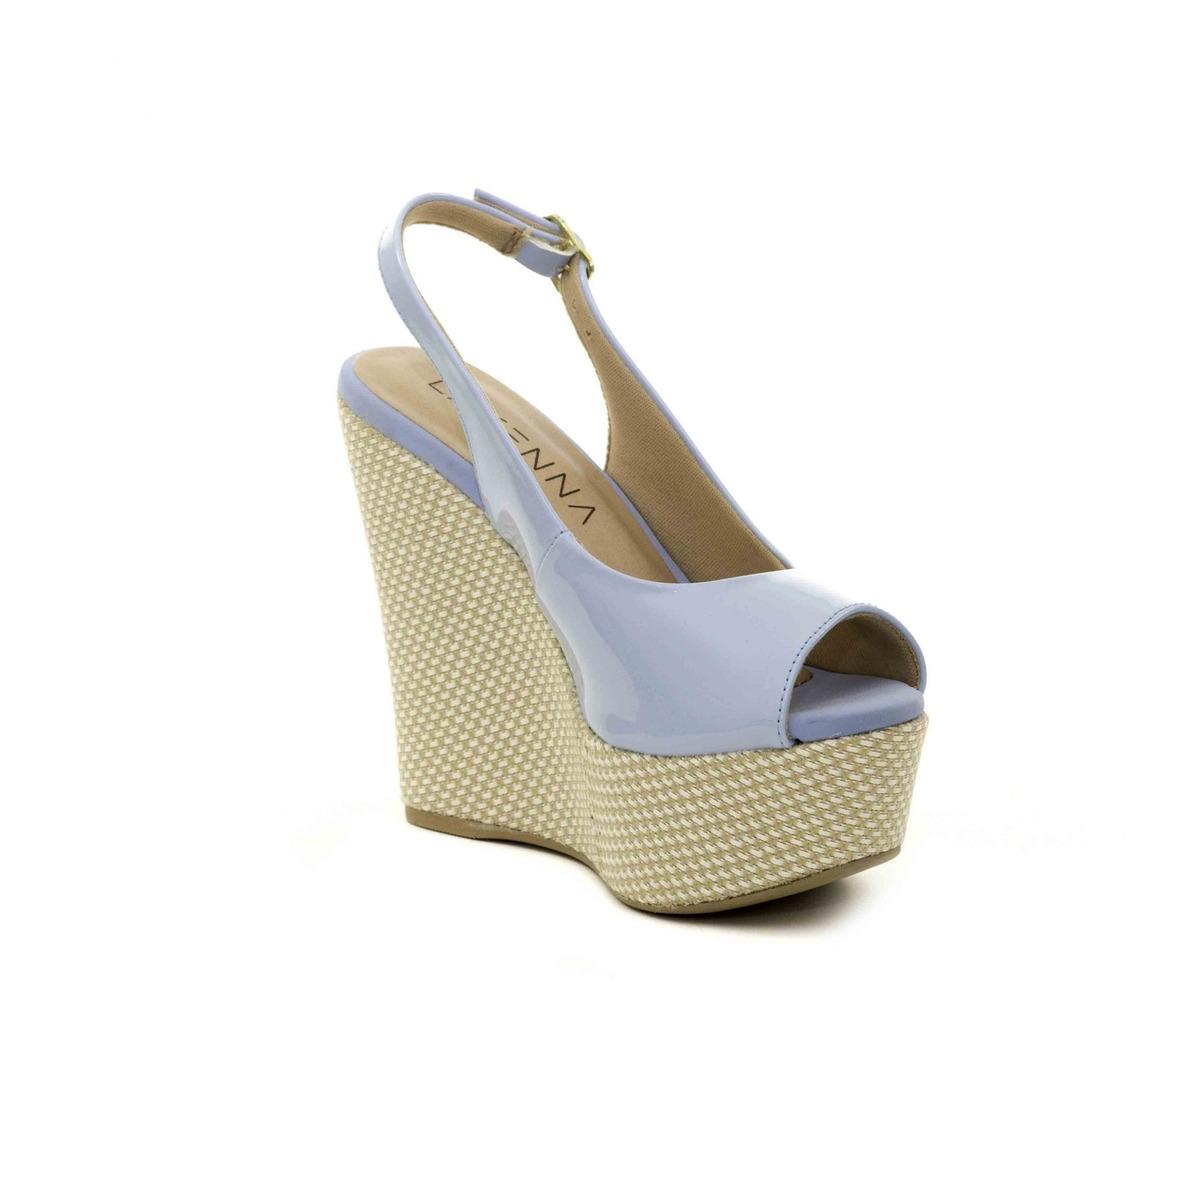 8faad7f38 sandália anabela alta feminina lasenna promoção 50% desconto. Carregando  zoom.